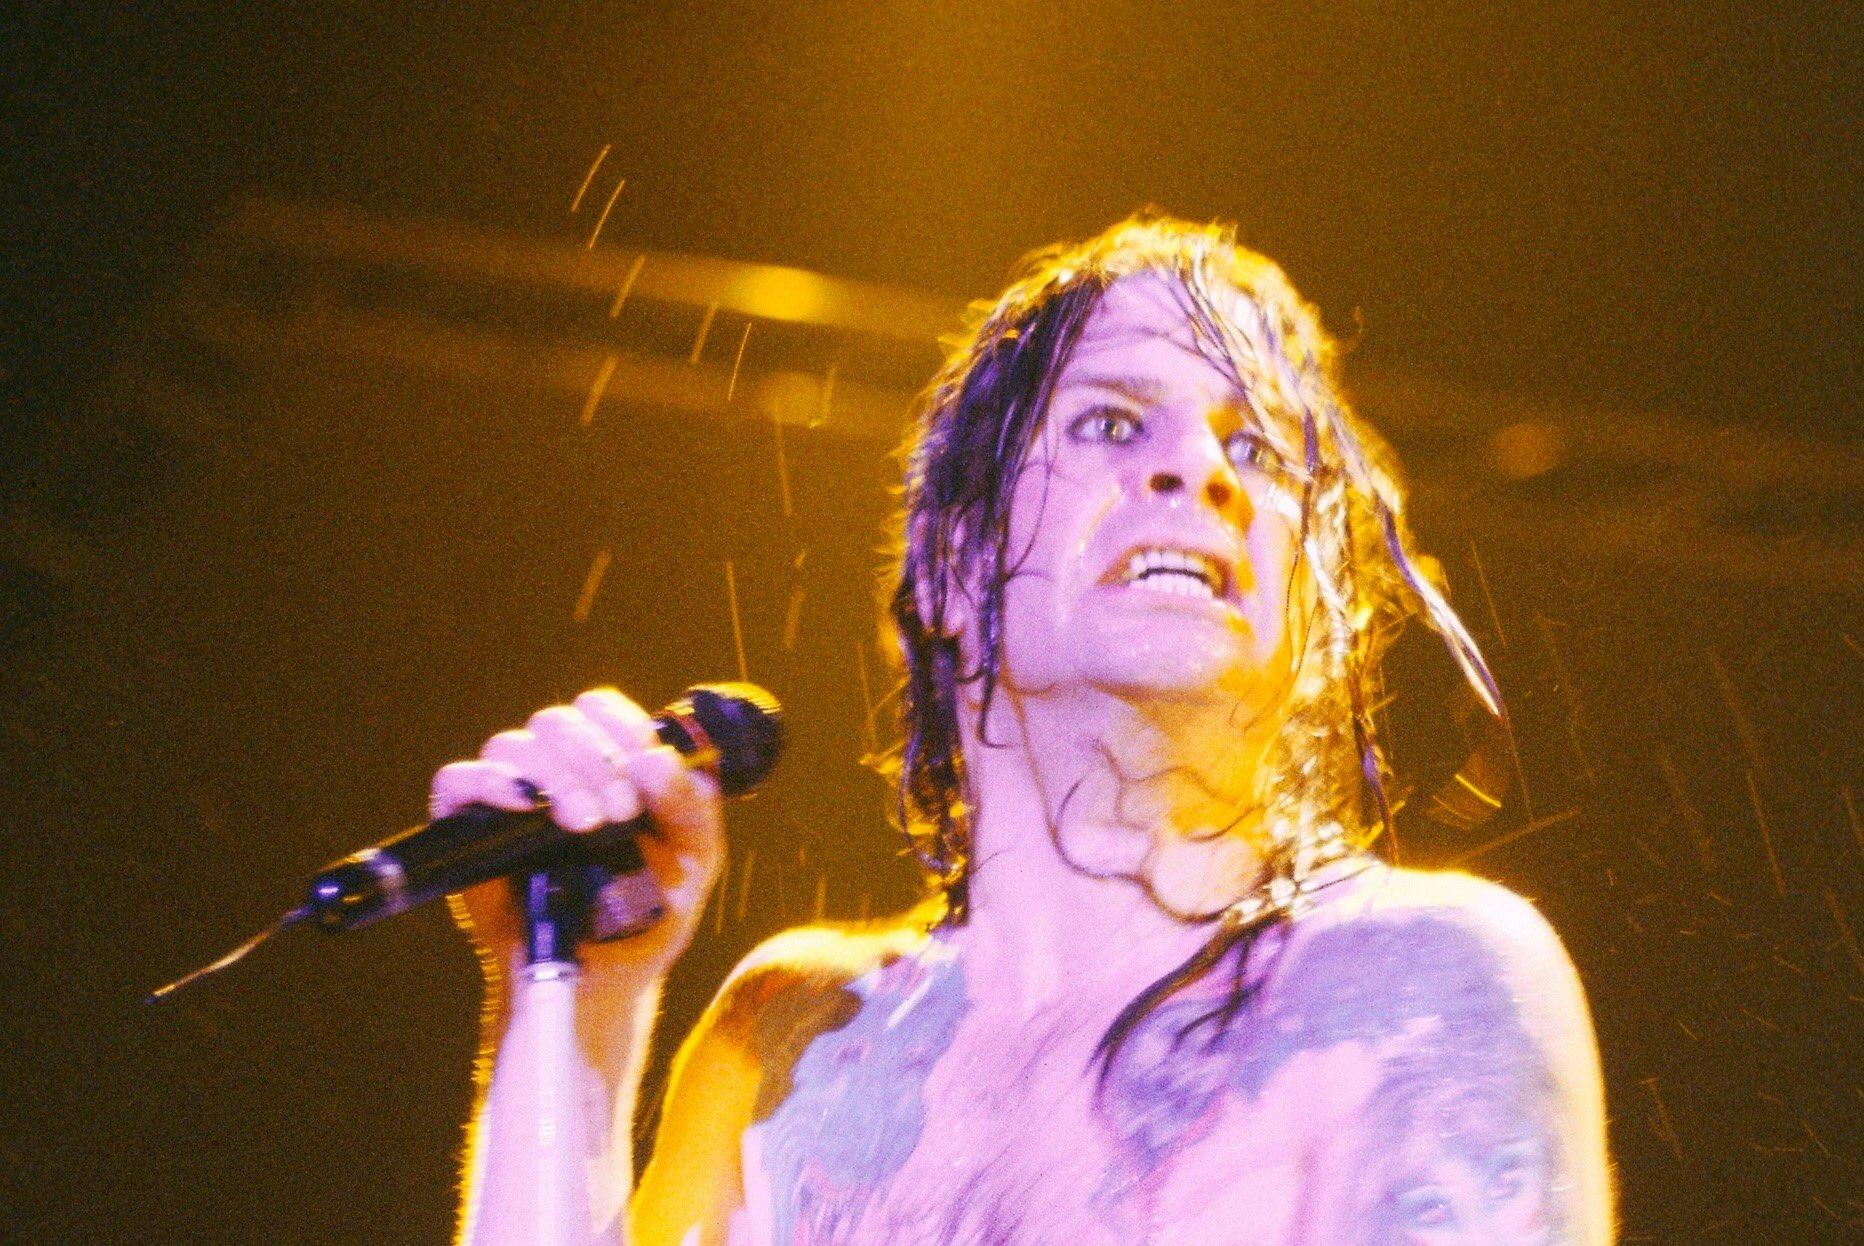 Ozzy Osbourne @ OzzyOsbourne